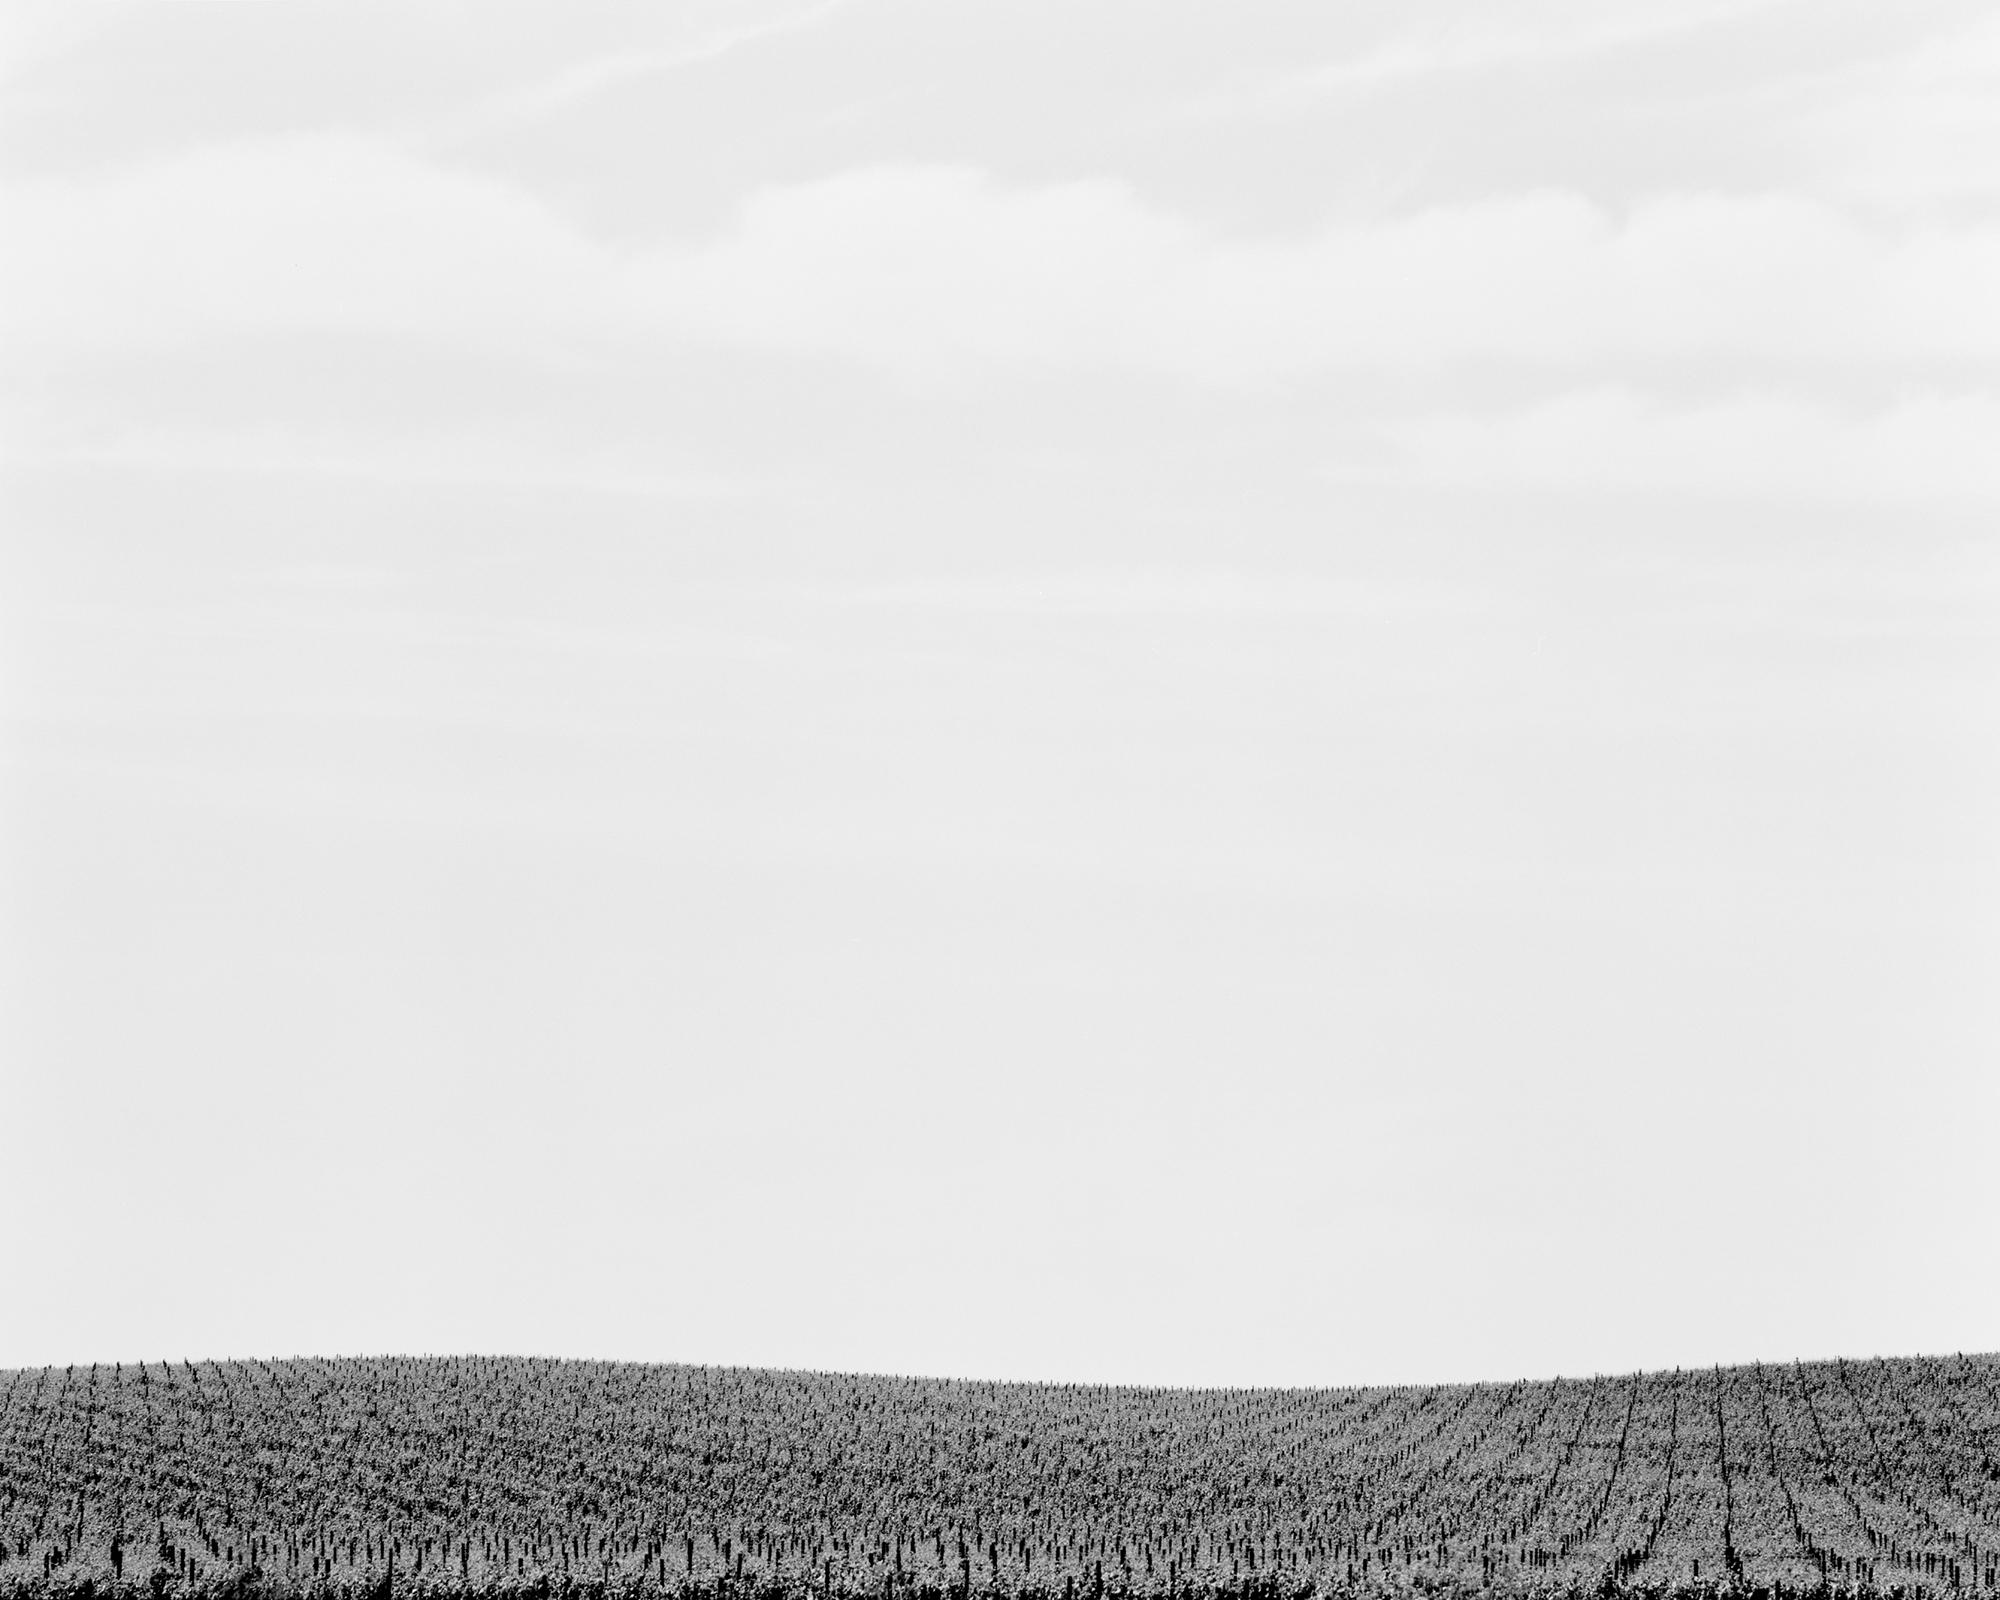 Vineyard no. 3